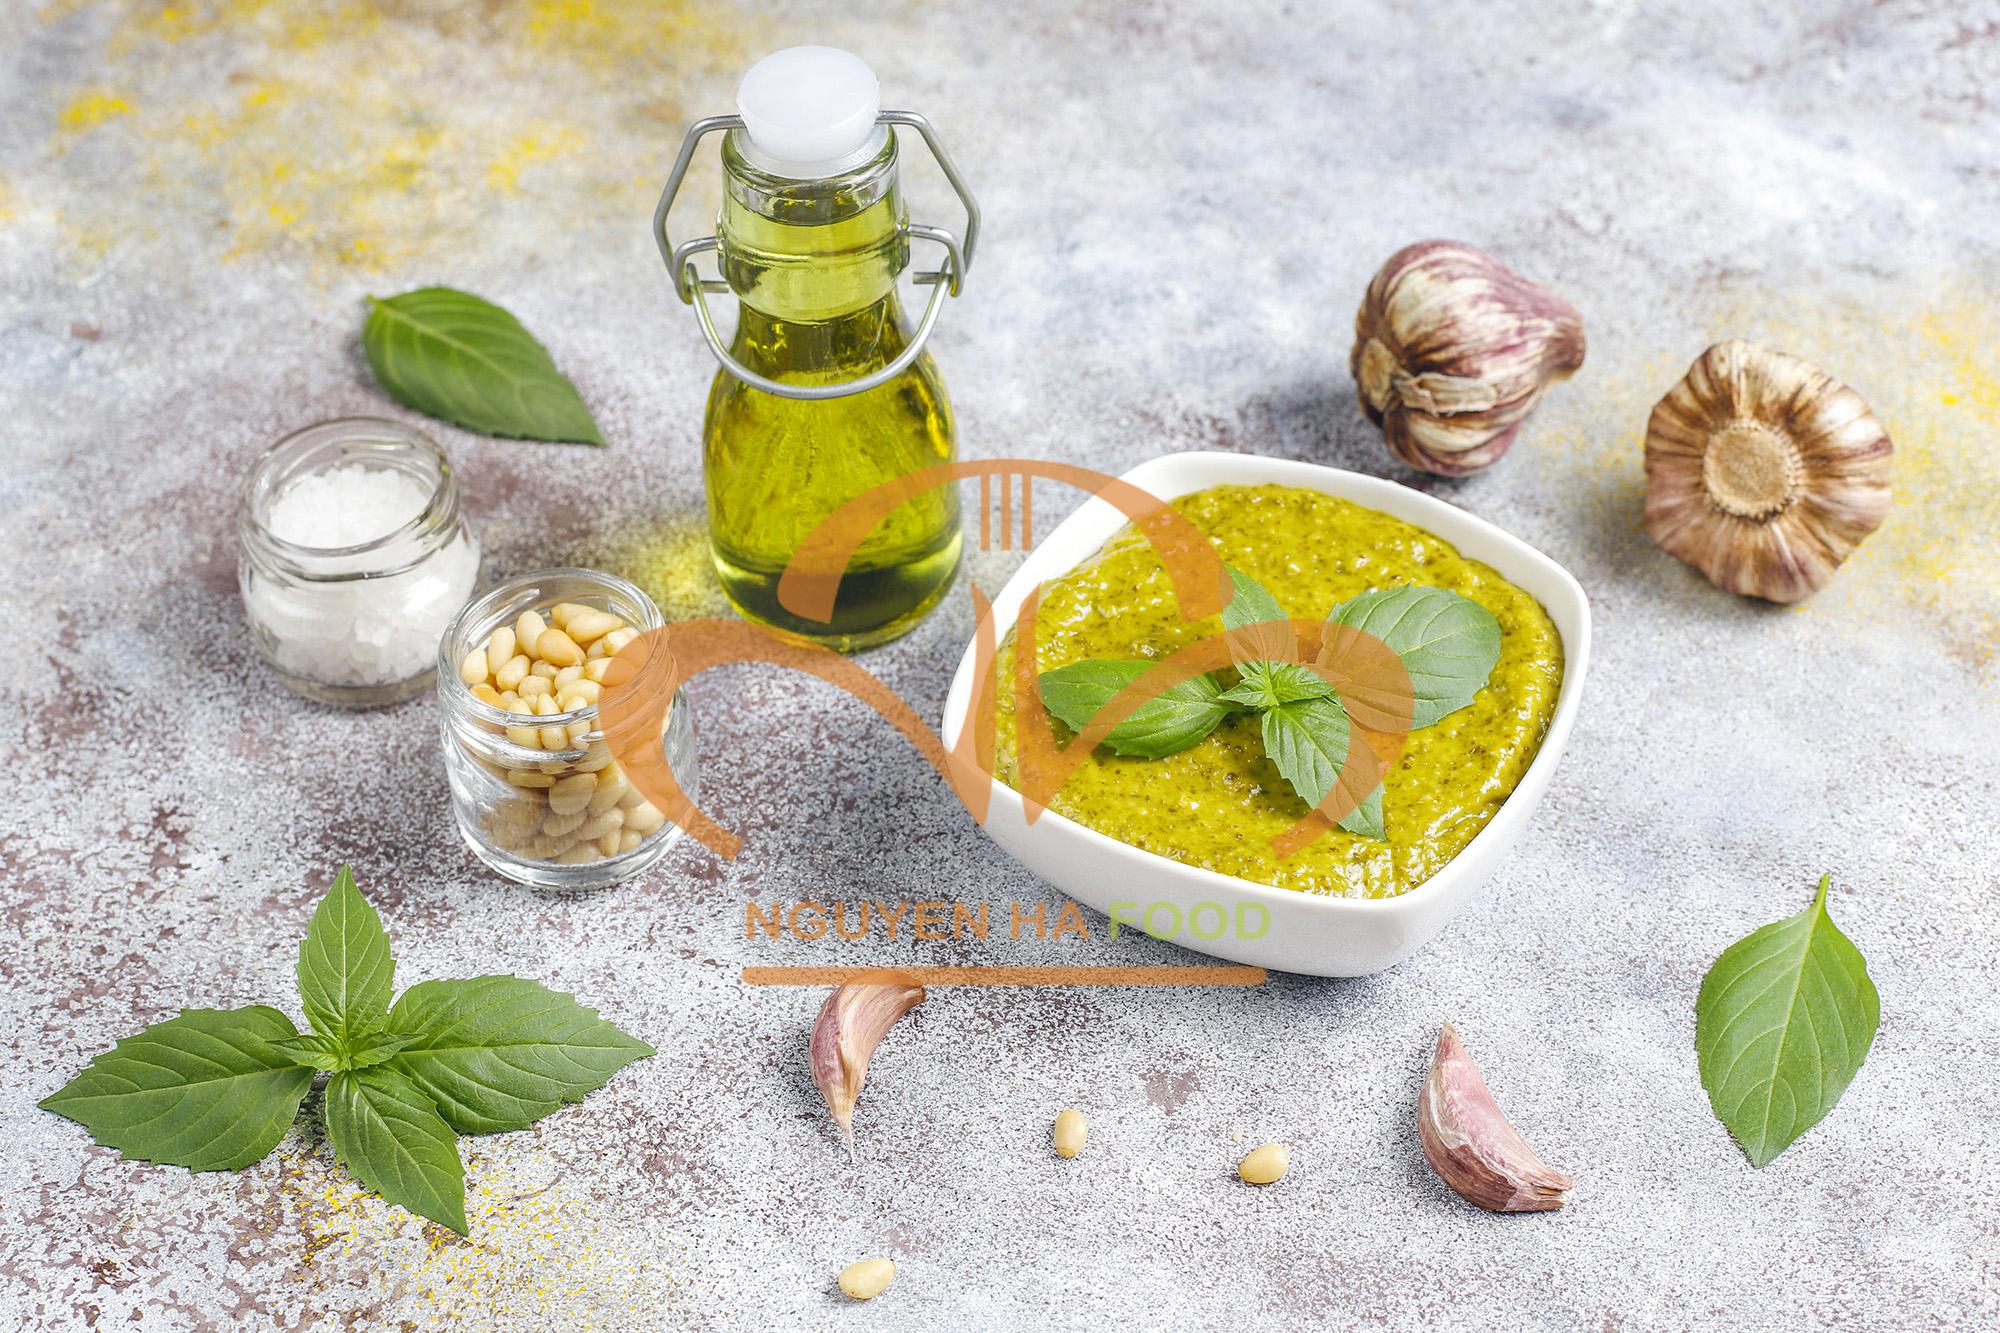 cac nguyen lieu lam nen xot pesto - basil pesto ingredients 2